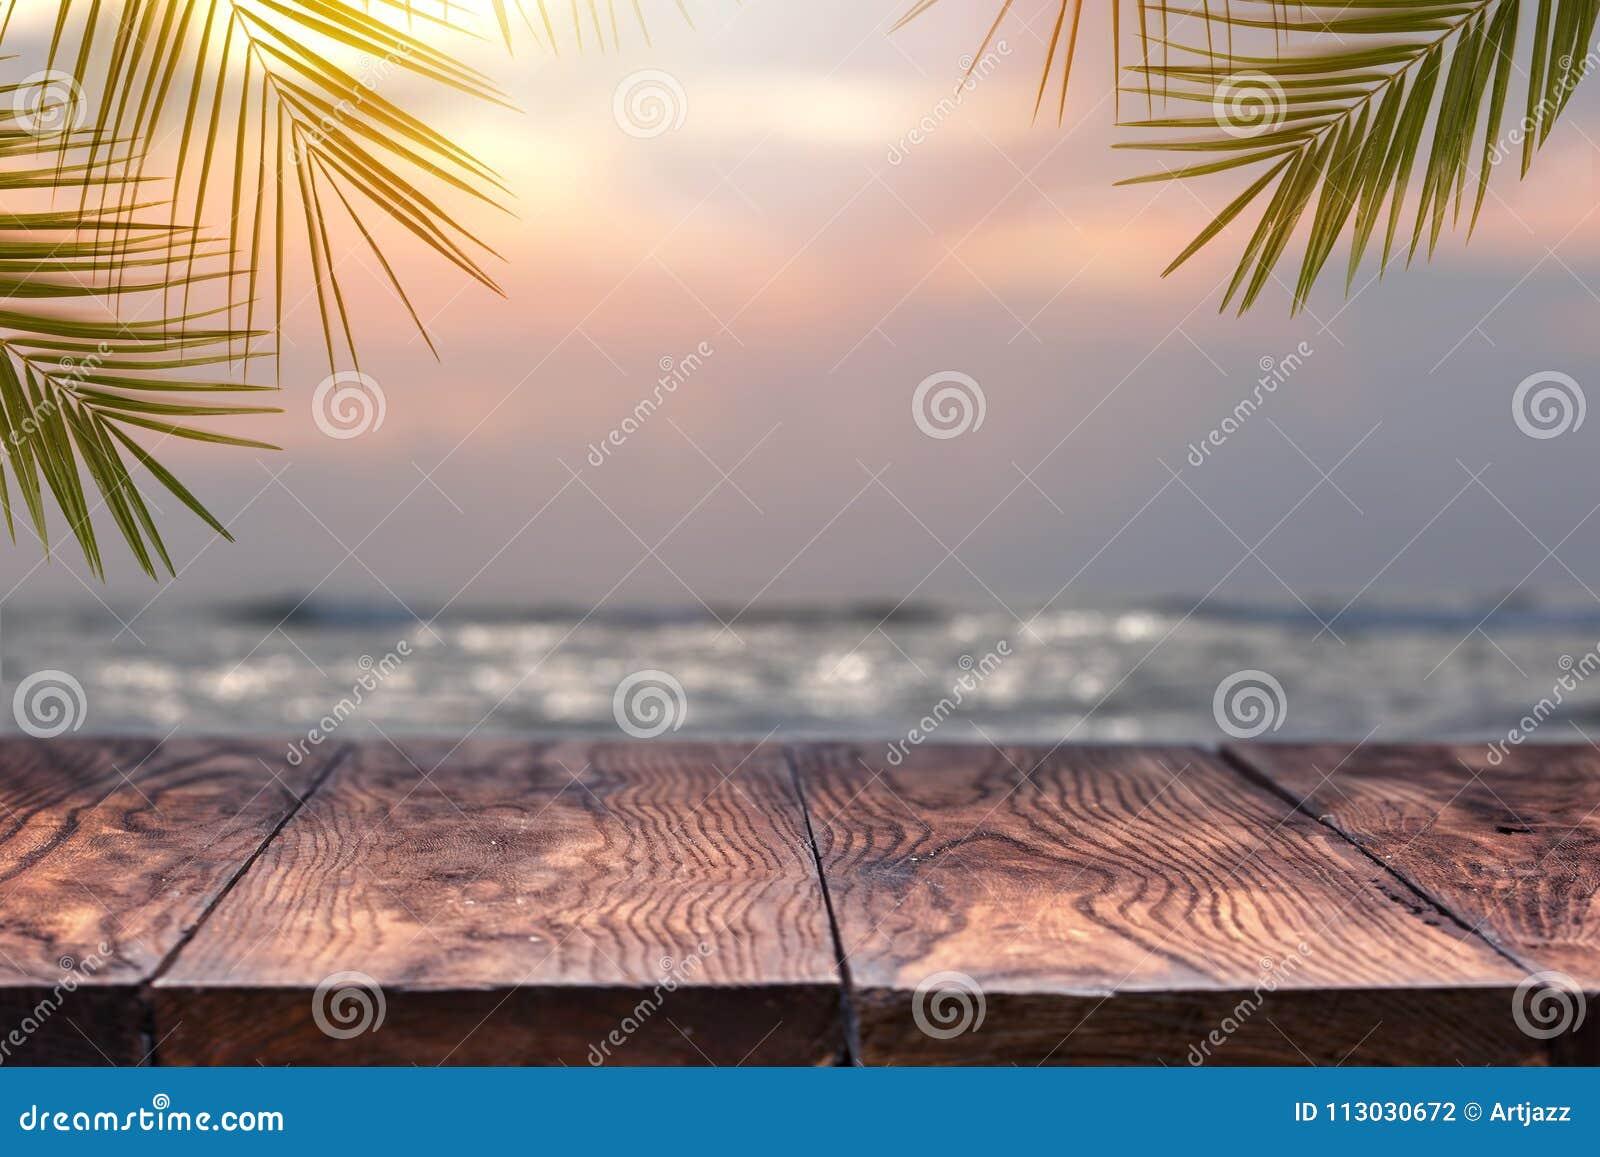 Vacie las hojas de madera de la tabla y de palma en un fondo de la playa borroso